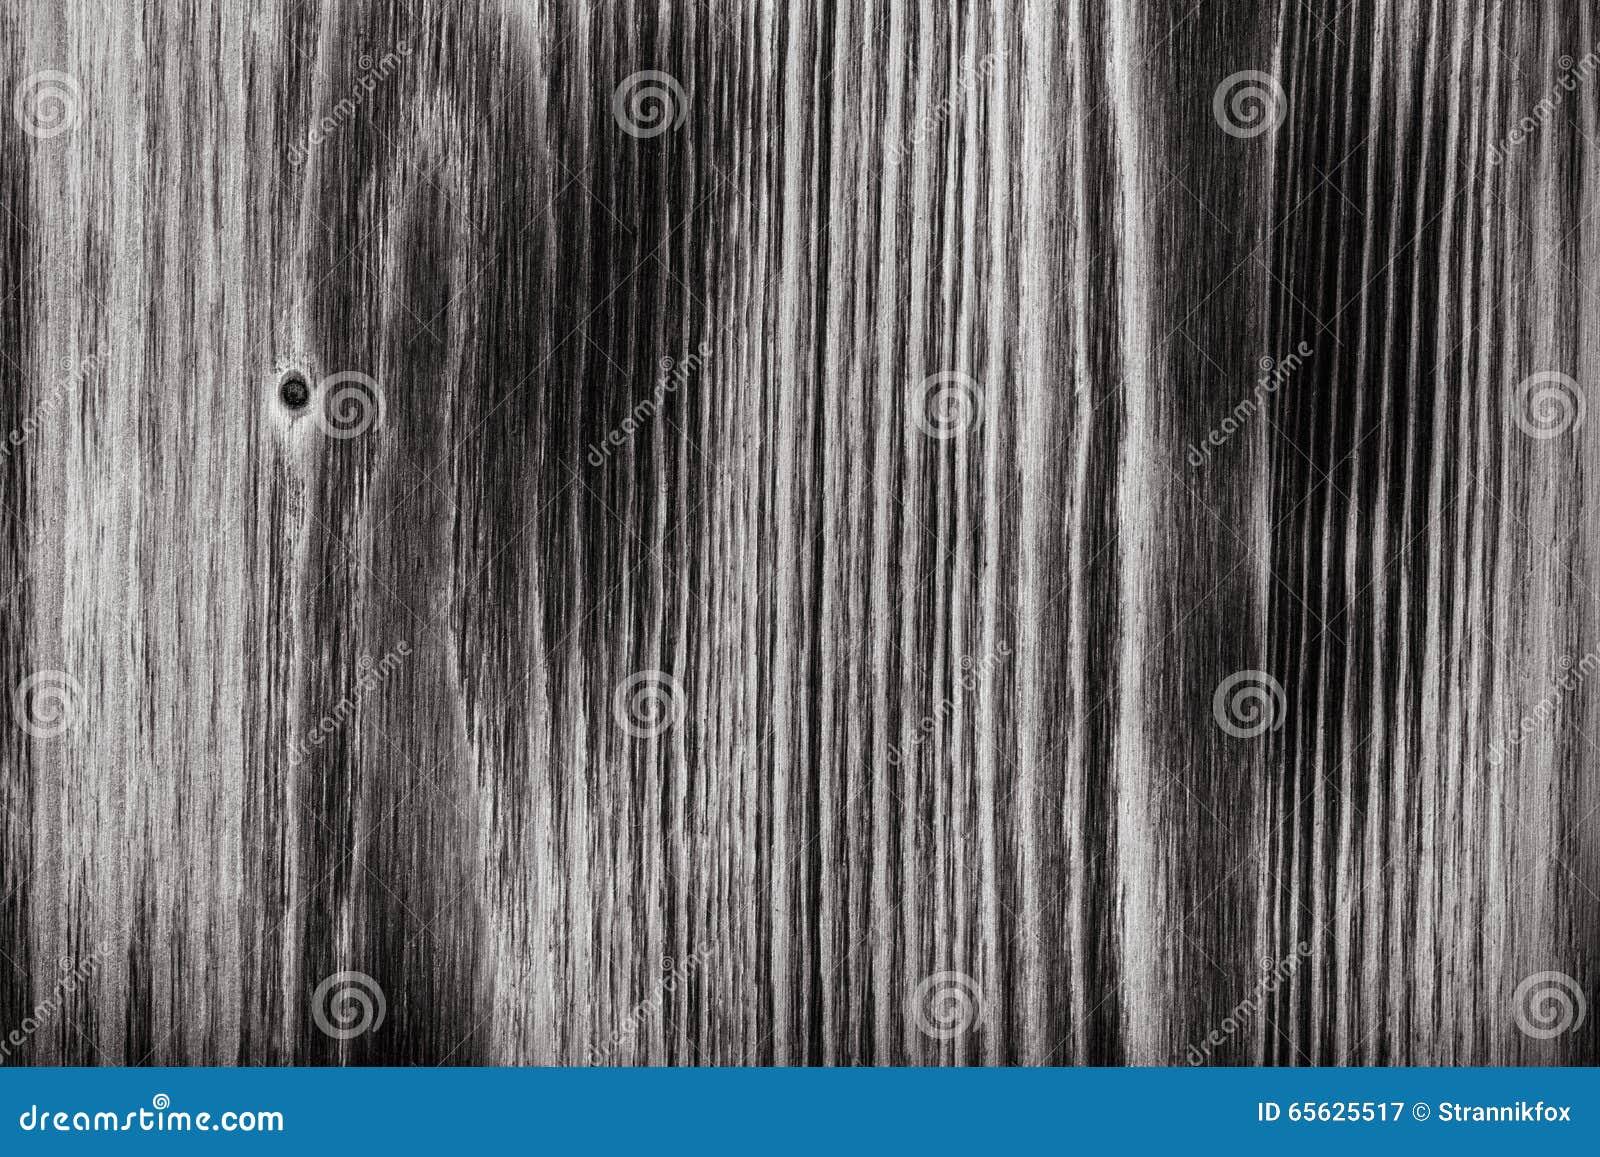 Nouveau fond brûlé en bois clair toned